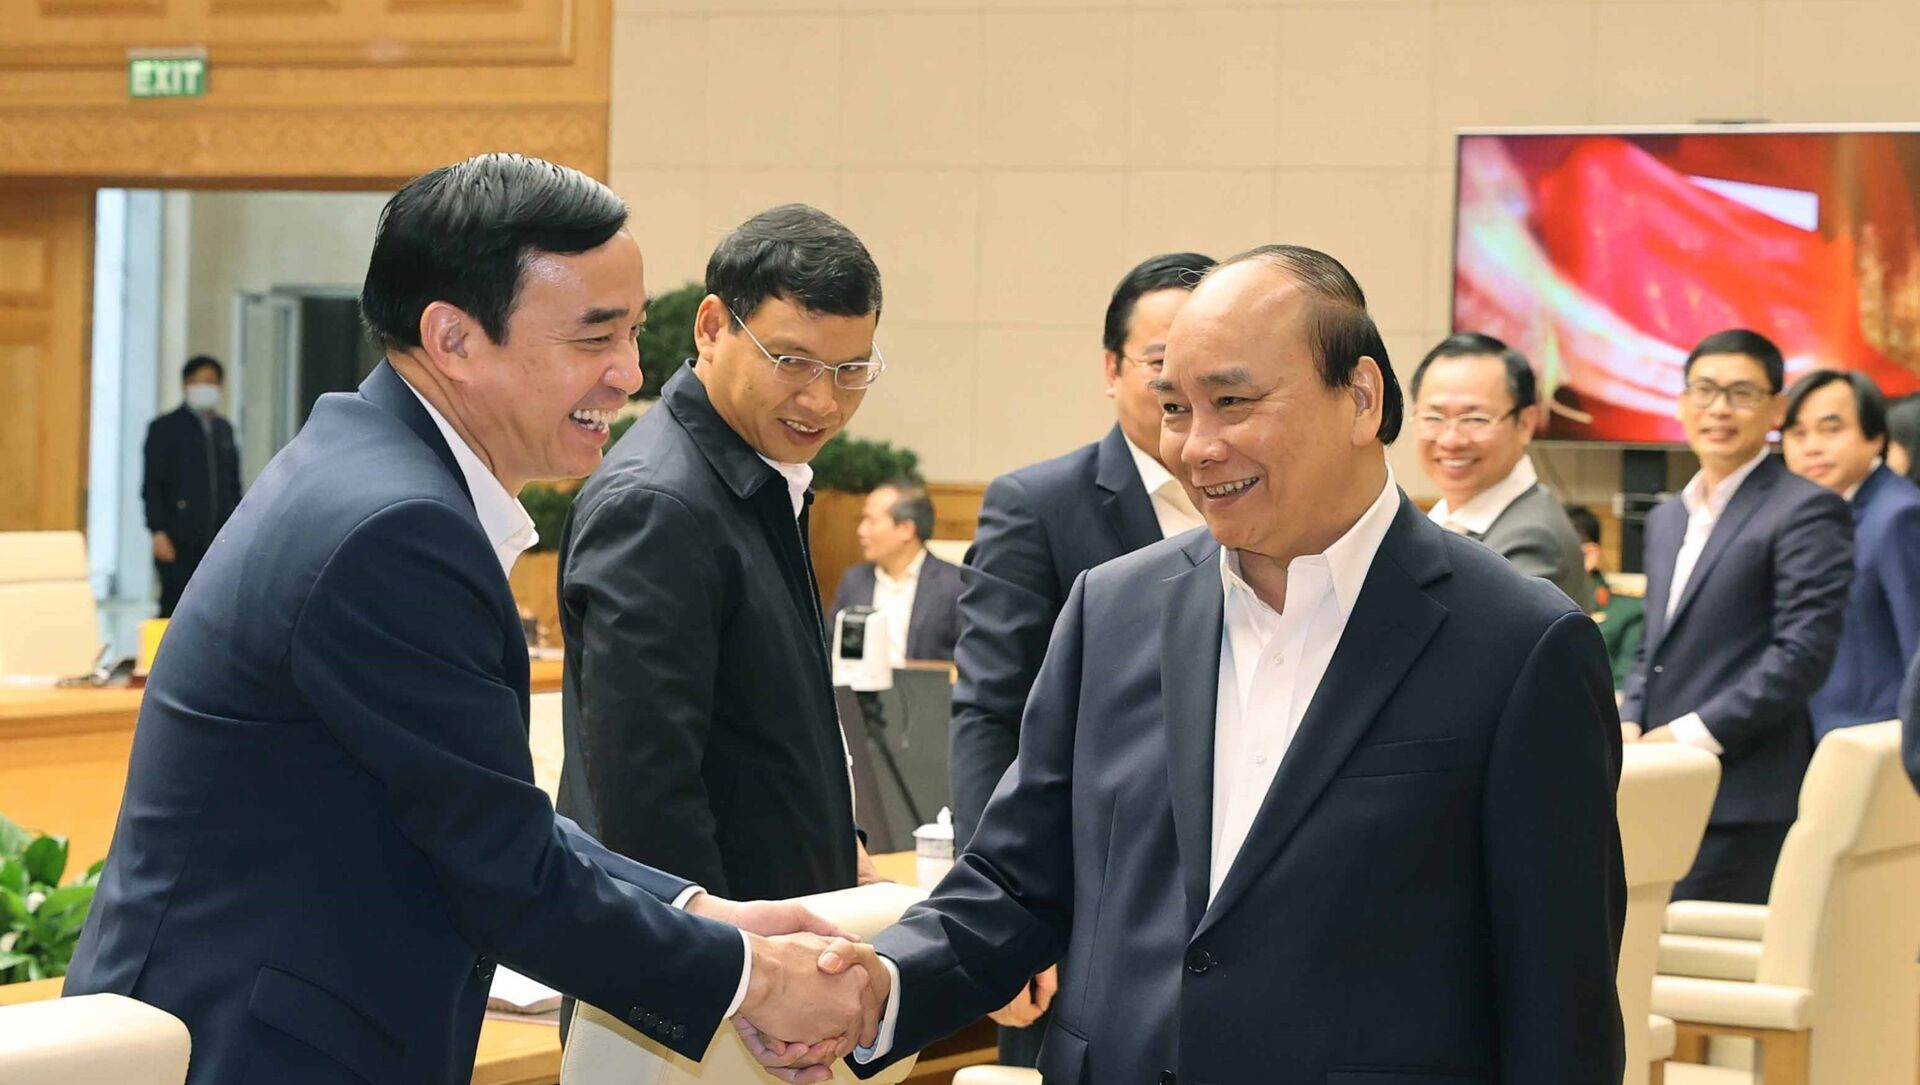 Thủ tướng Nguyễn Xuân Phúc với các đại biểu dự họp. - Sputnik Việt Nam, 1920, 01.03.2021